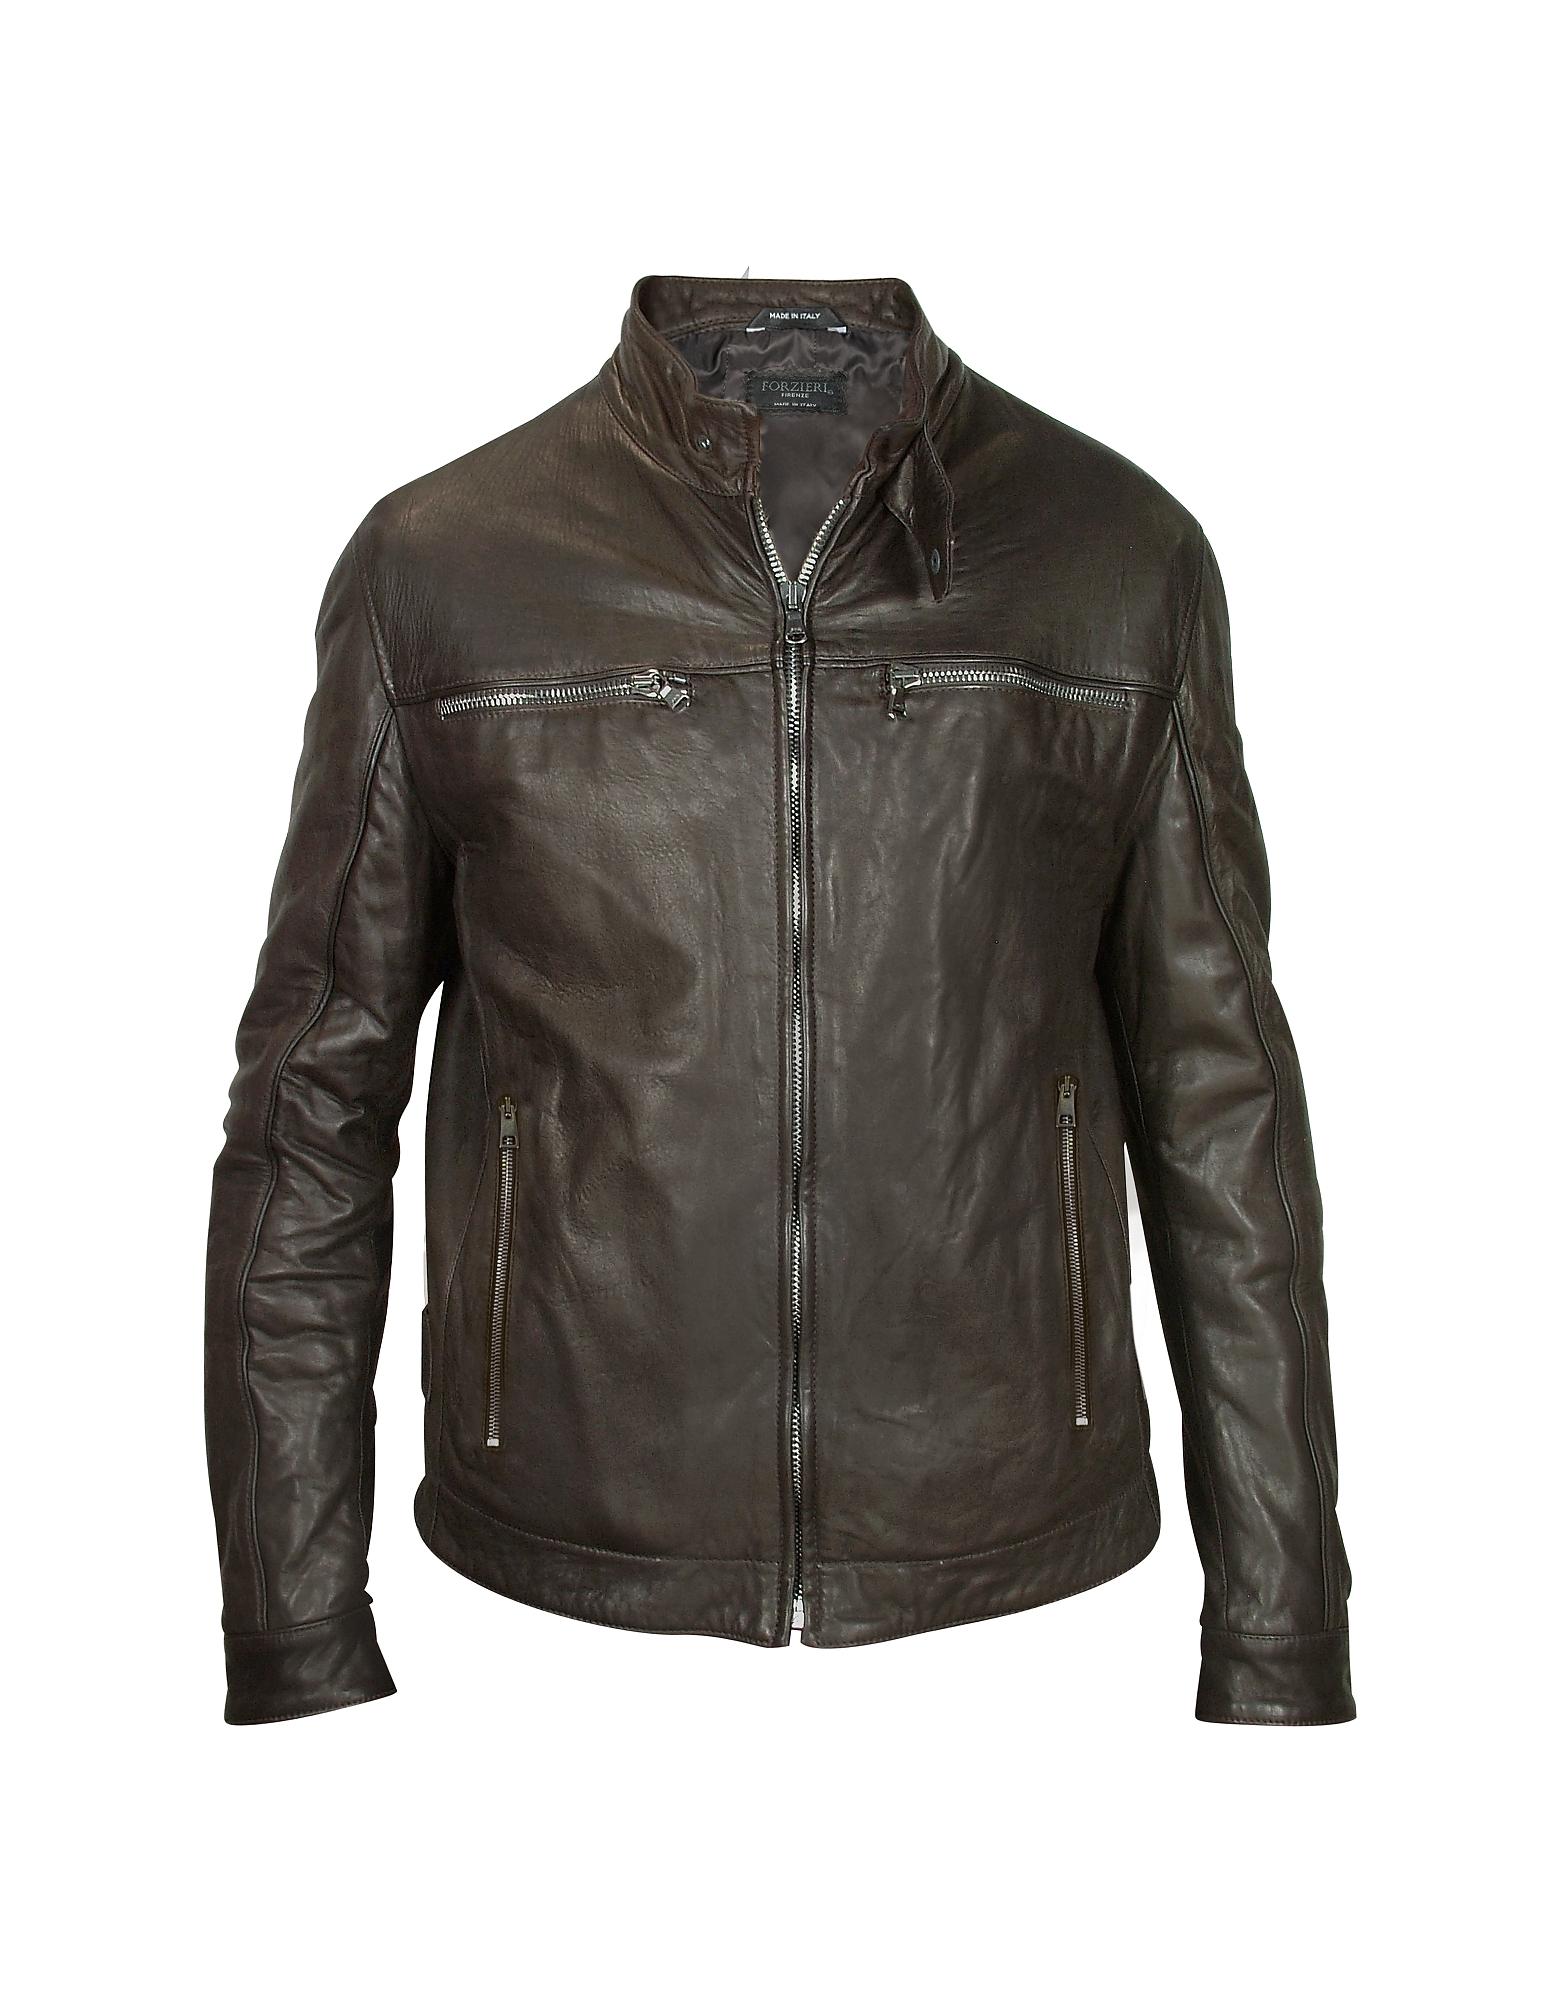 Forzieri Темно-коричневая Мужская Кожаная Куртка в Мото Стиле